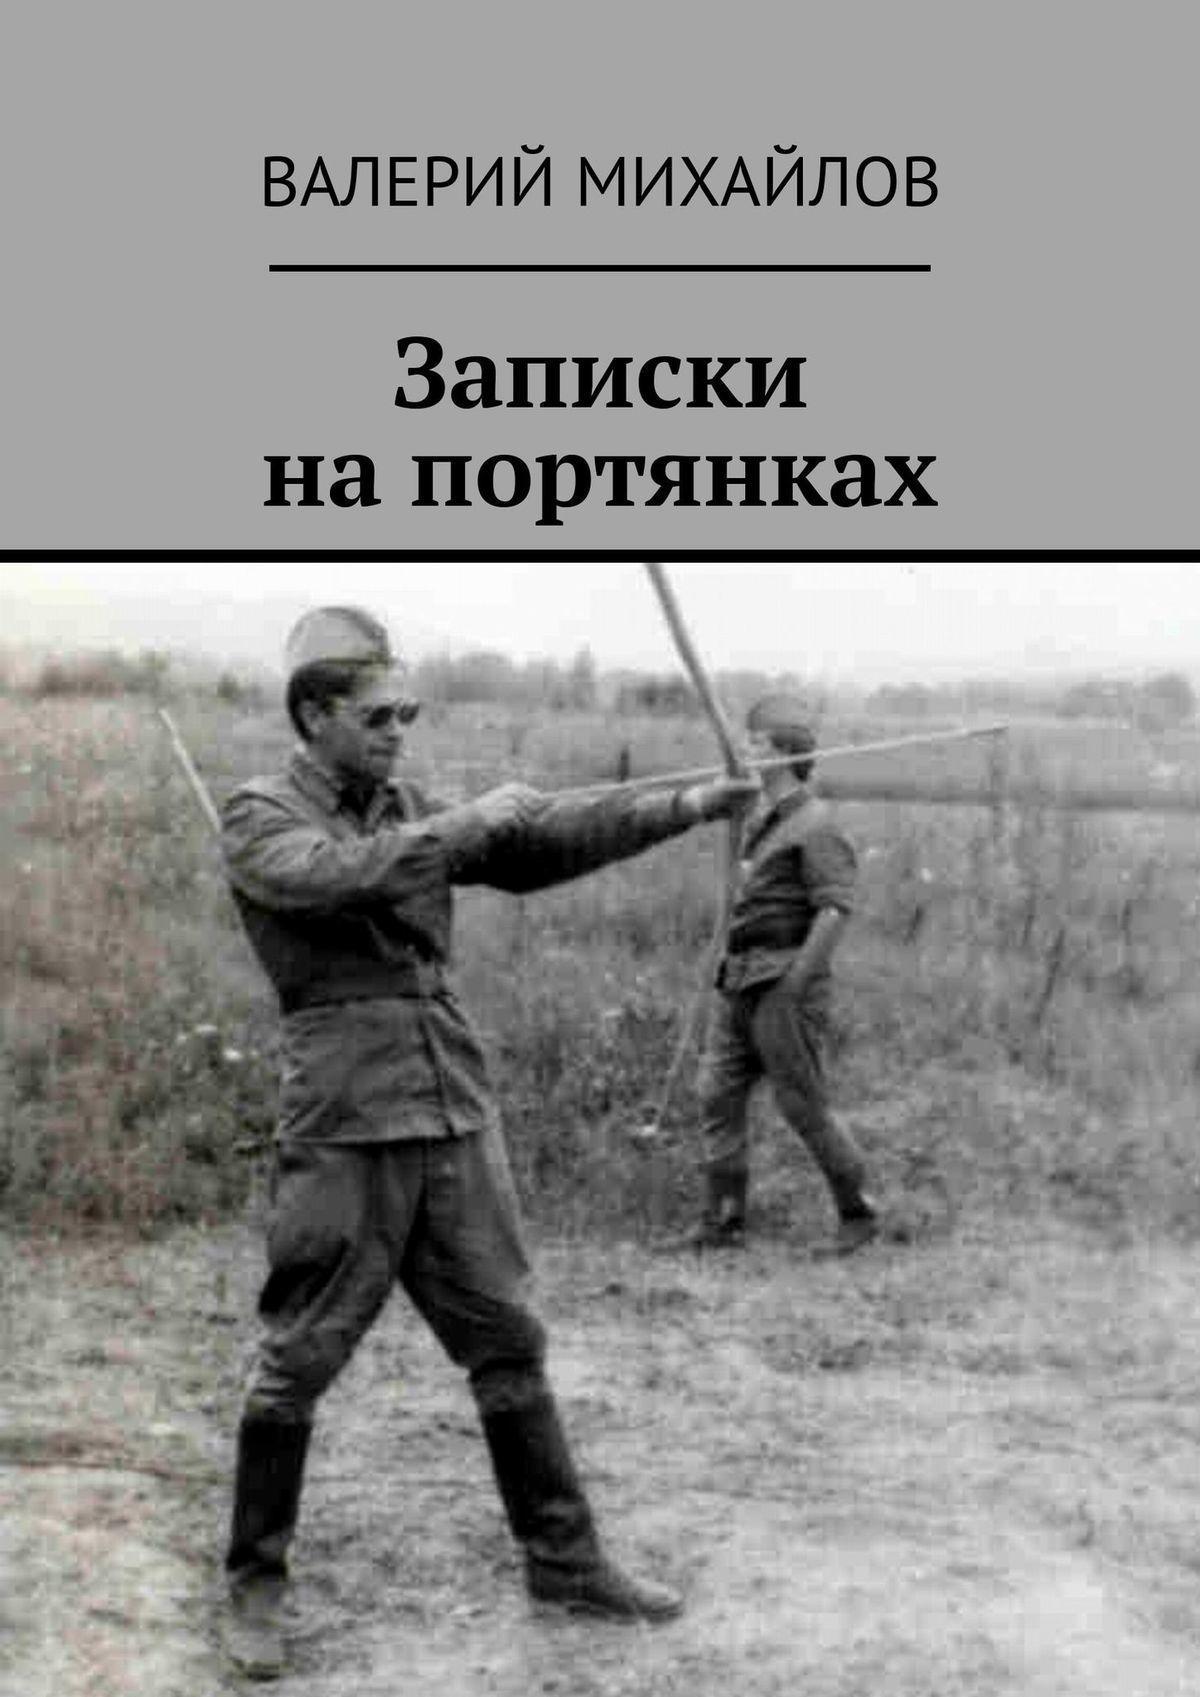 Валерий Михайлов Записки напортянках